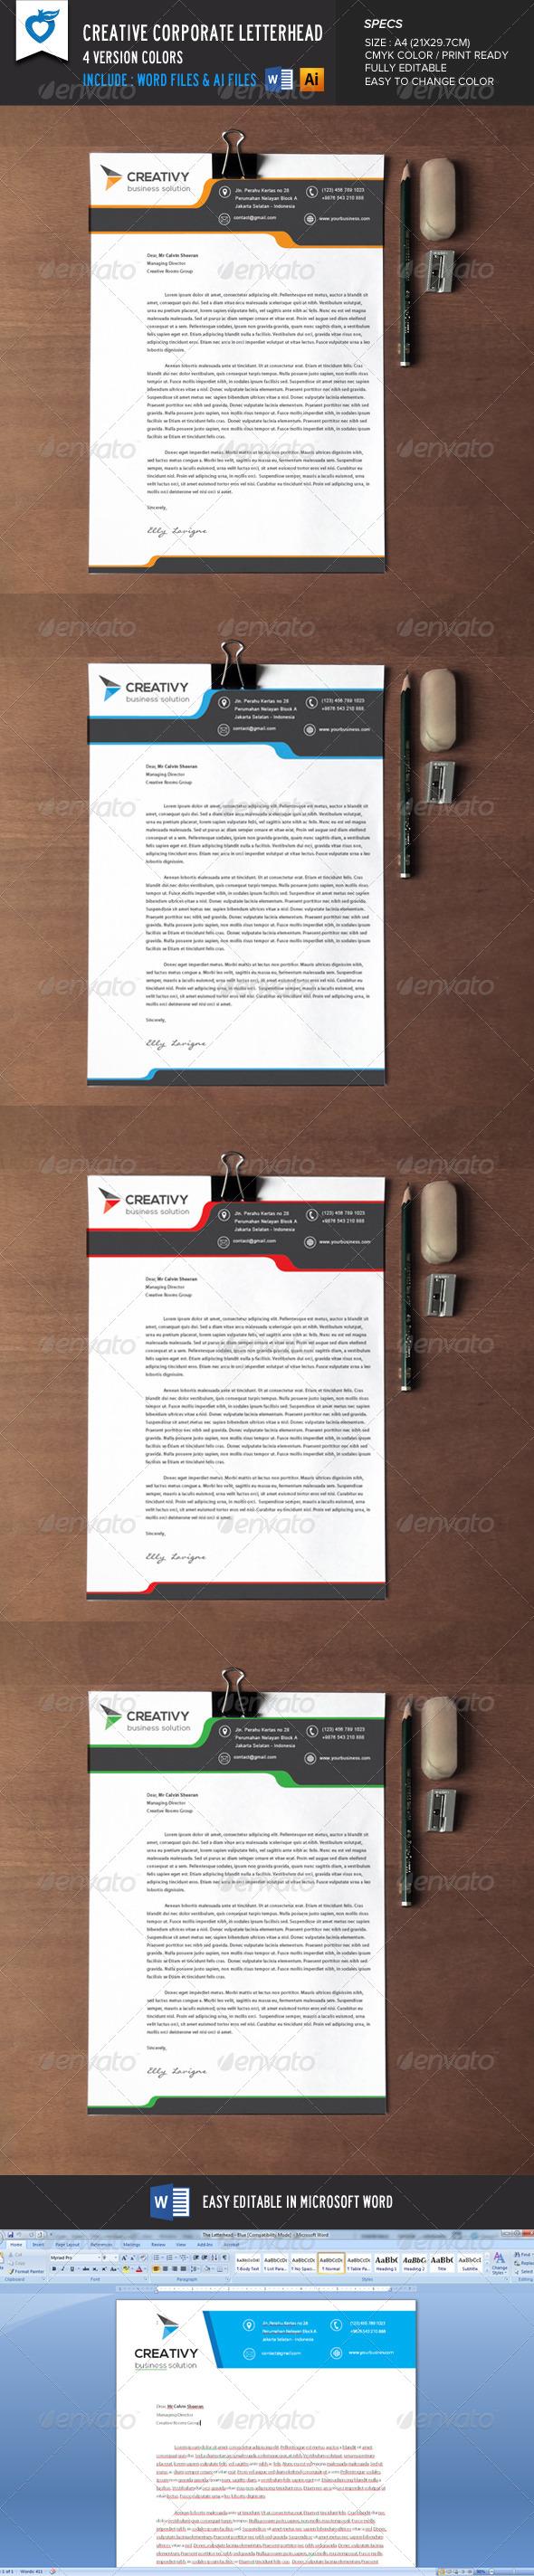 GraphicRiver Creative Corporate Letterhead 8641357